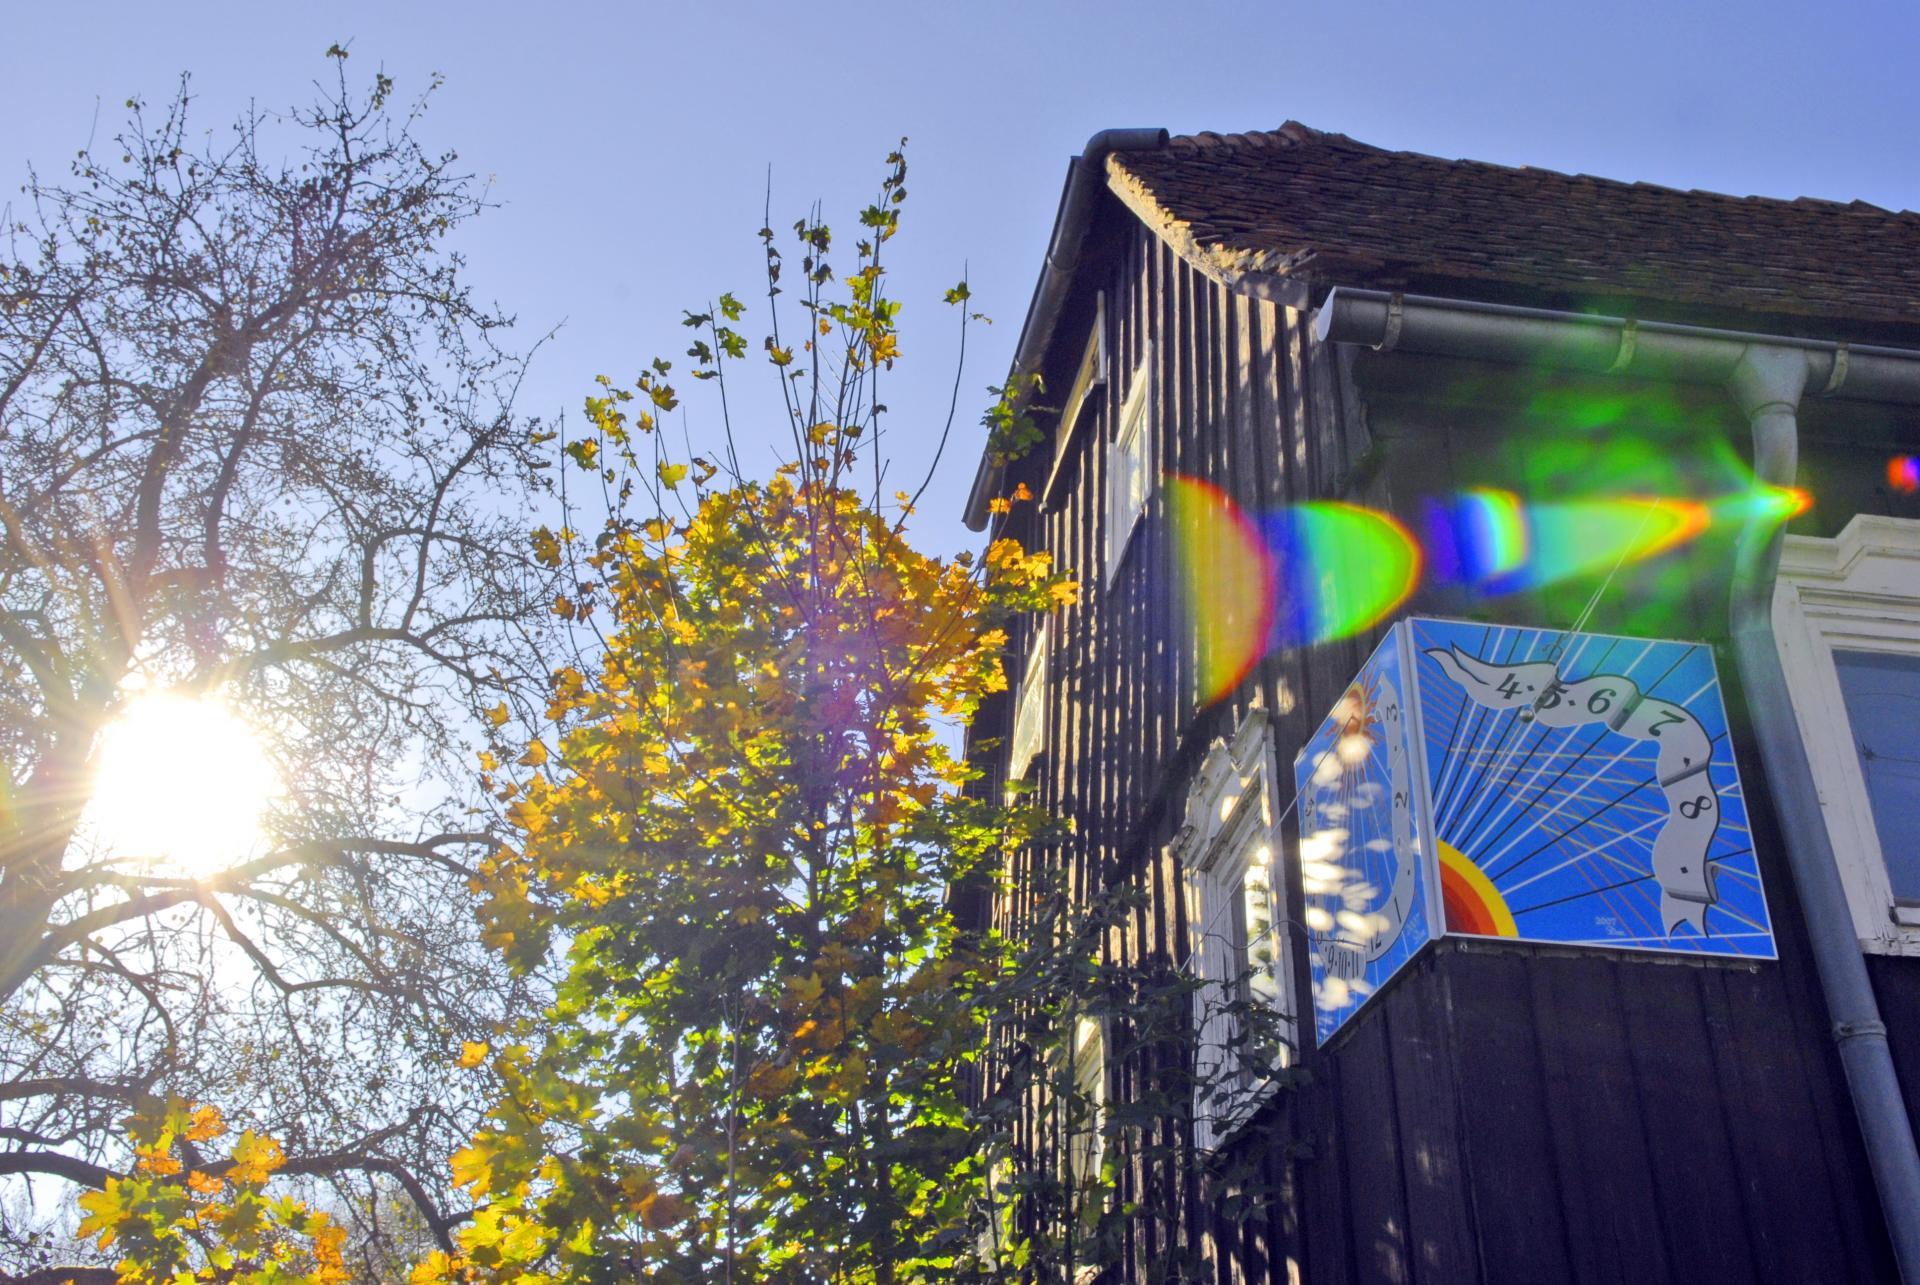 Sonnenuhren Taubenheim